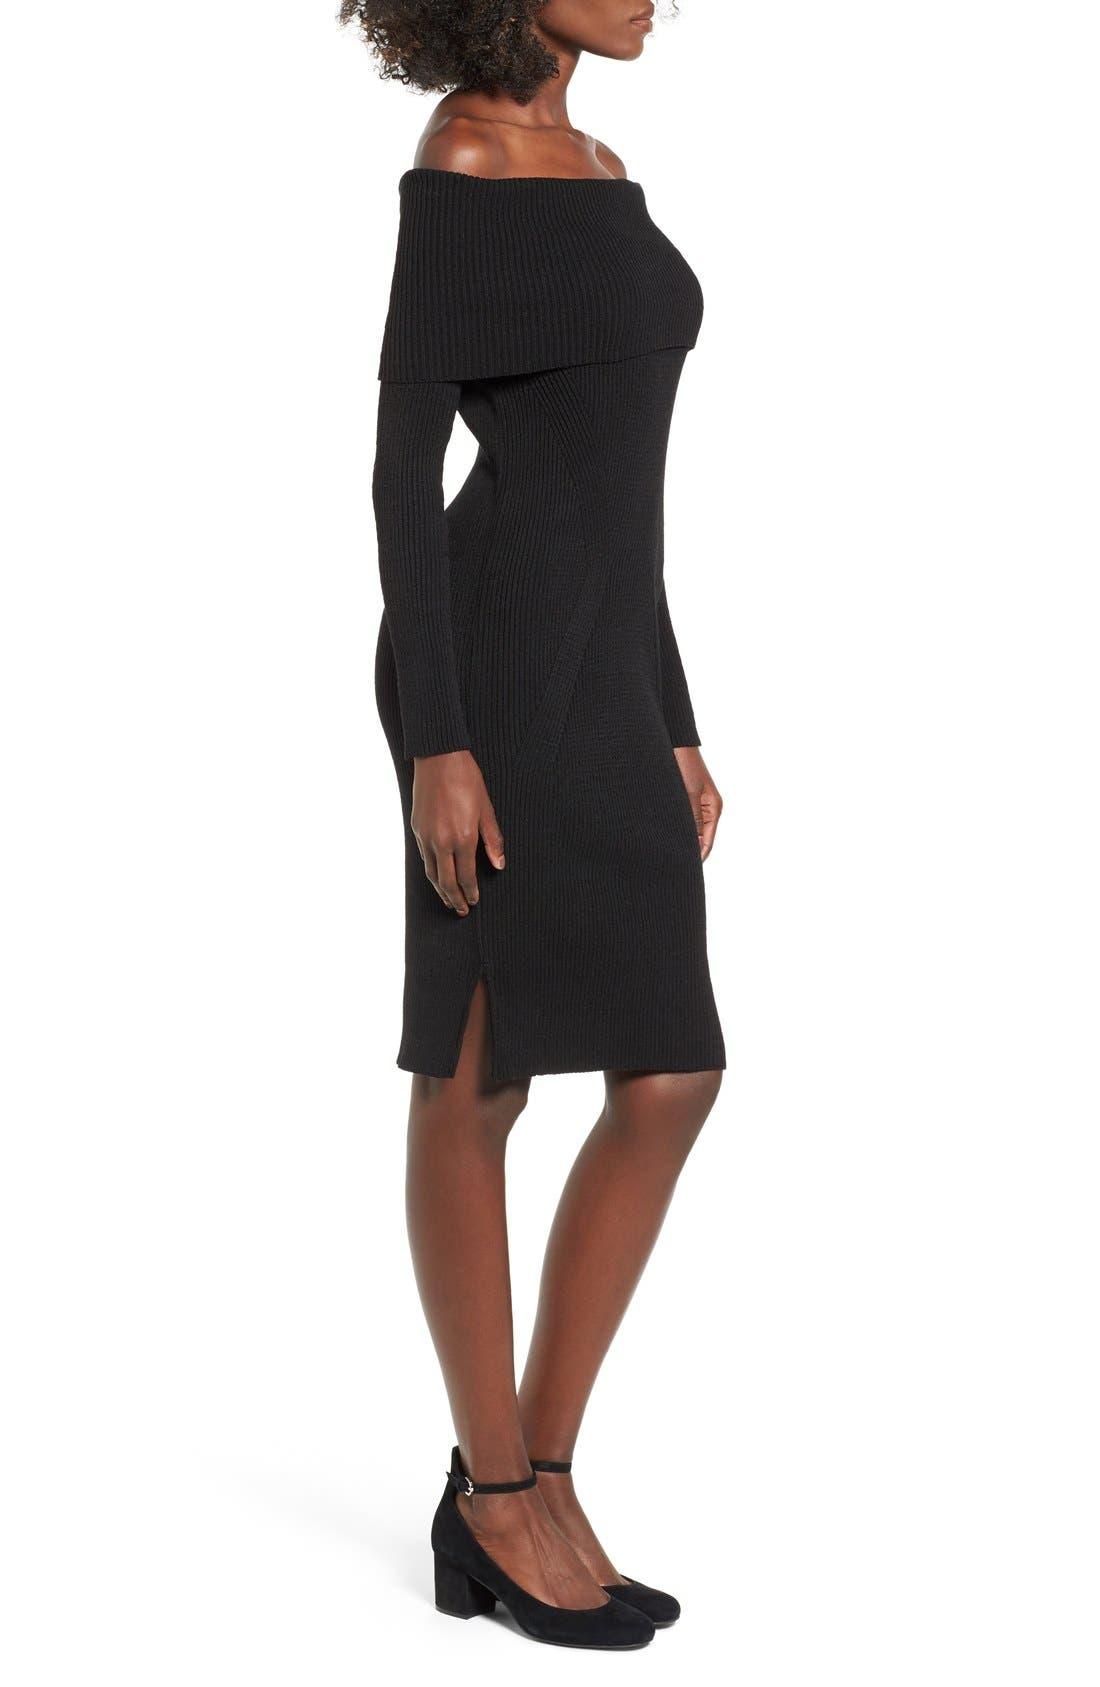 COTTON EMPORIUM,                             Off the Shoulder Knit Body-Con Dress,                             Alternate thumbnail 3, color,                             001